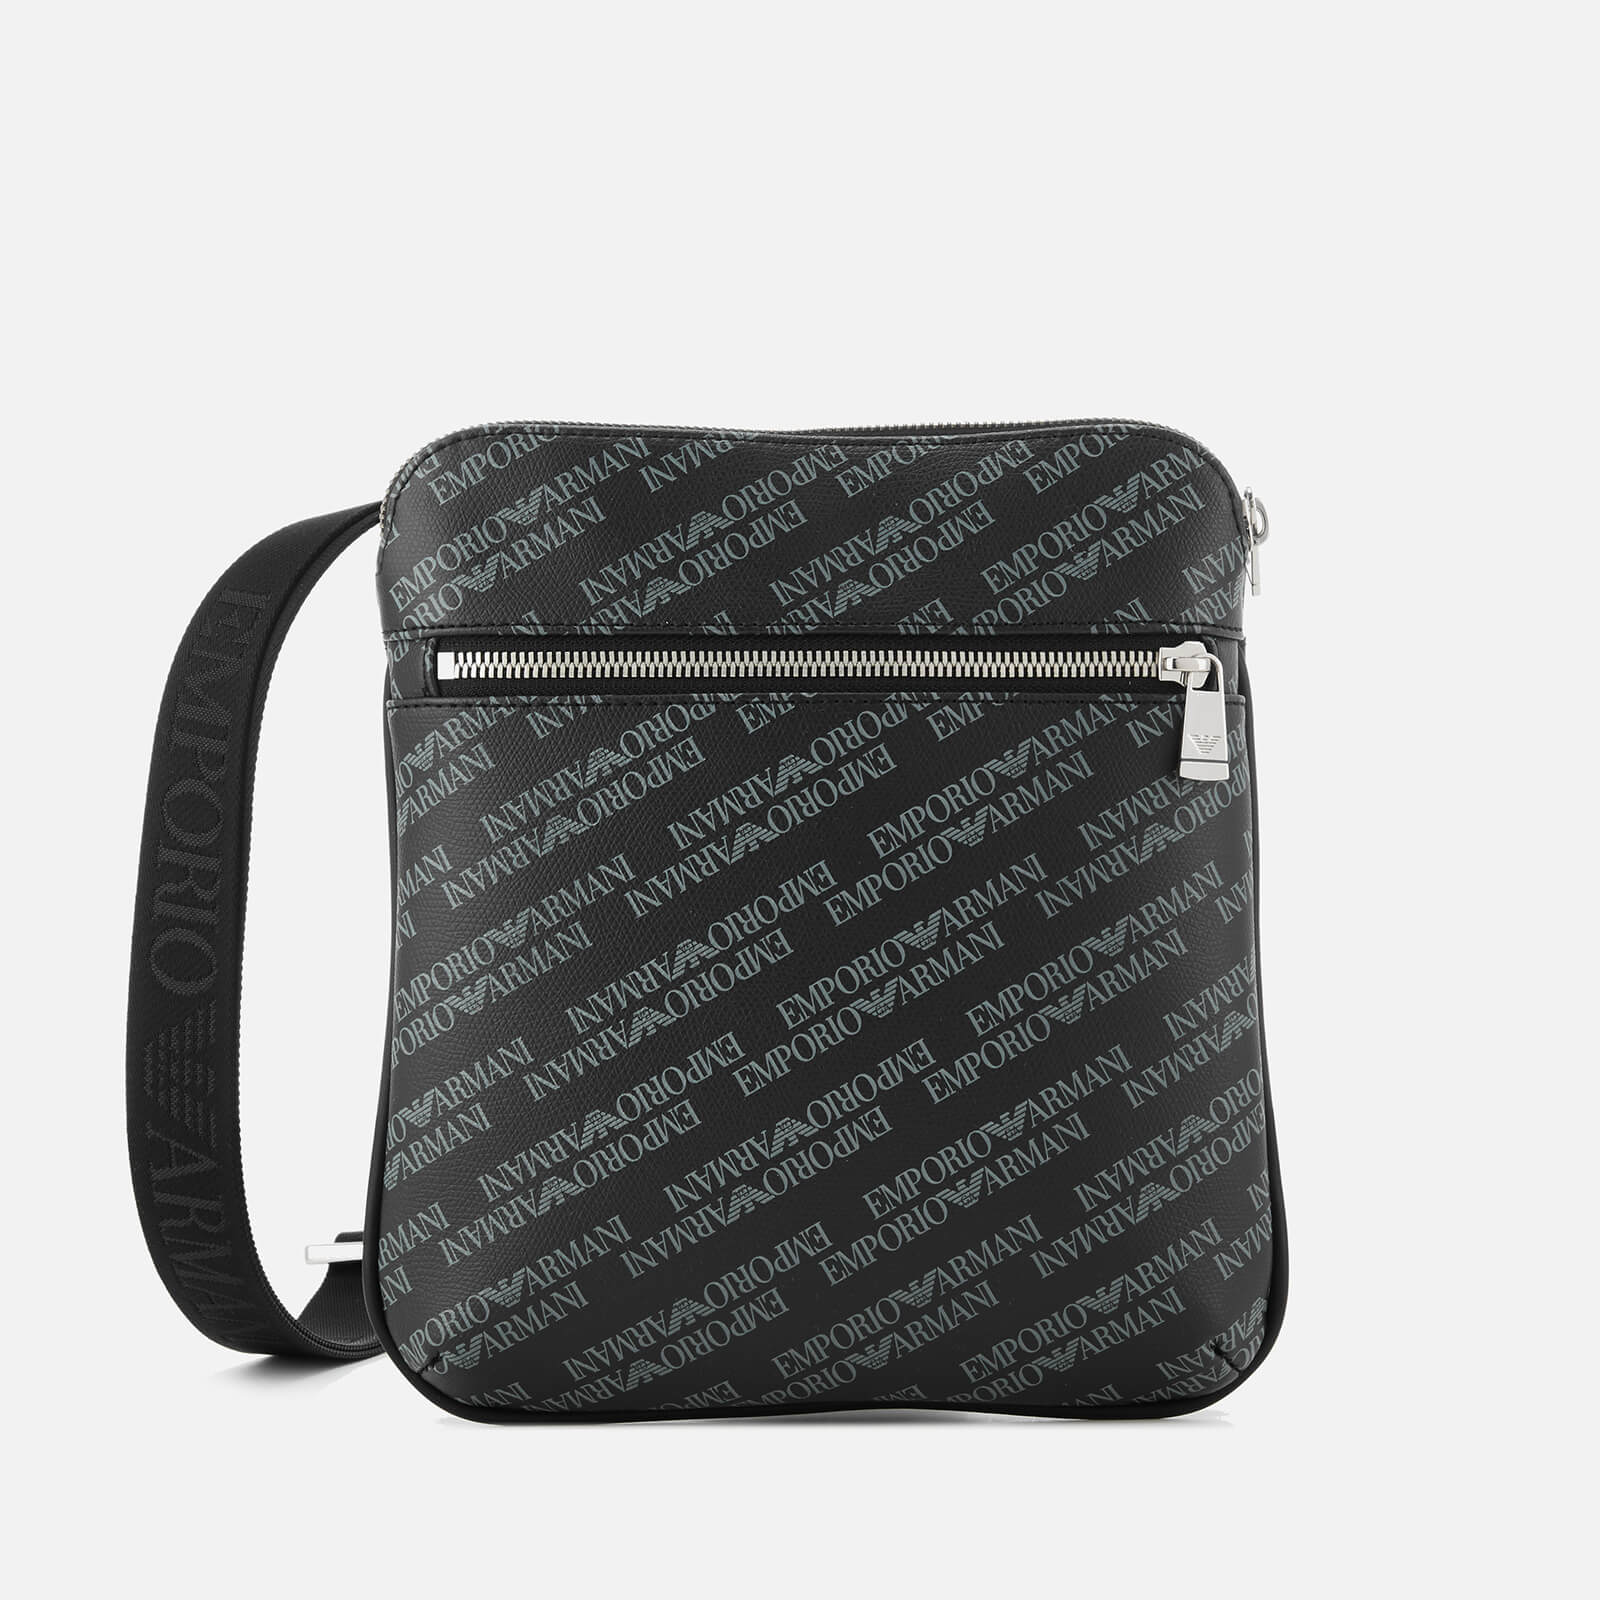 1a41b5e7 Emporio Armani Men's Allover Logo Cross Body Bag - Black